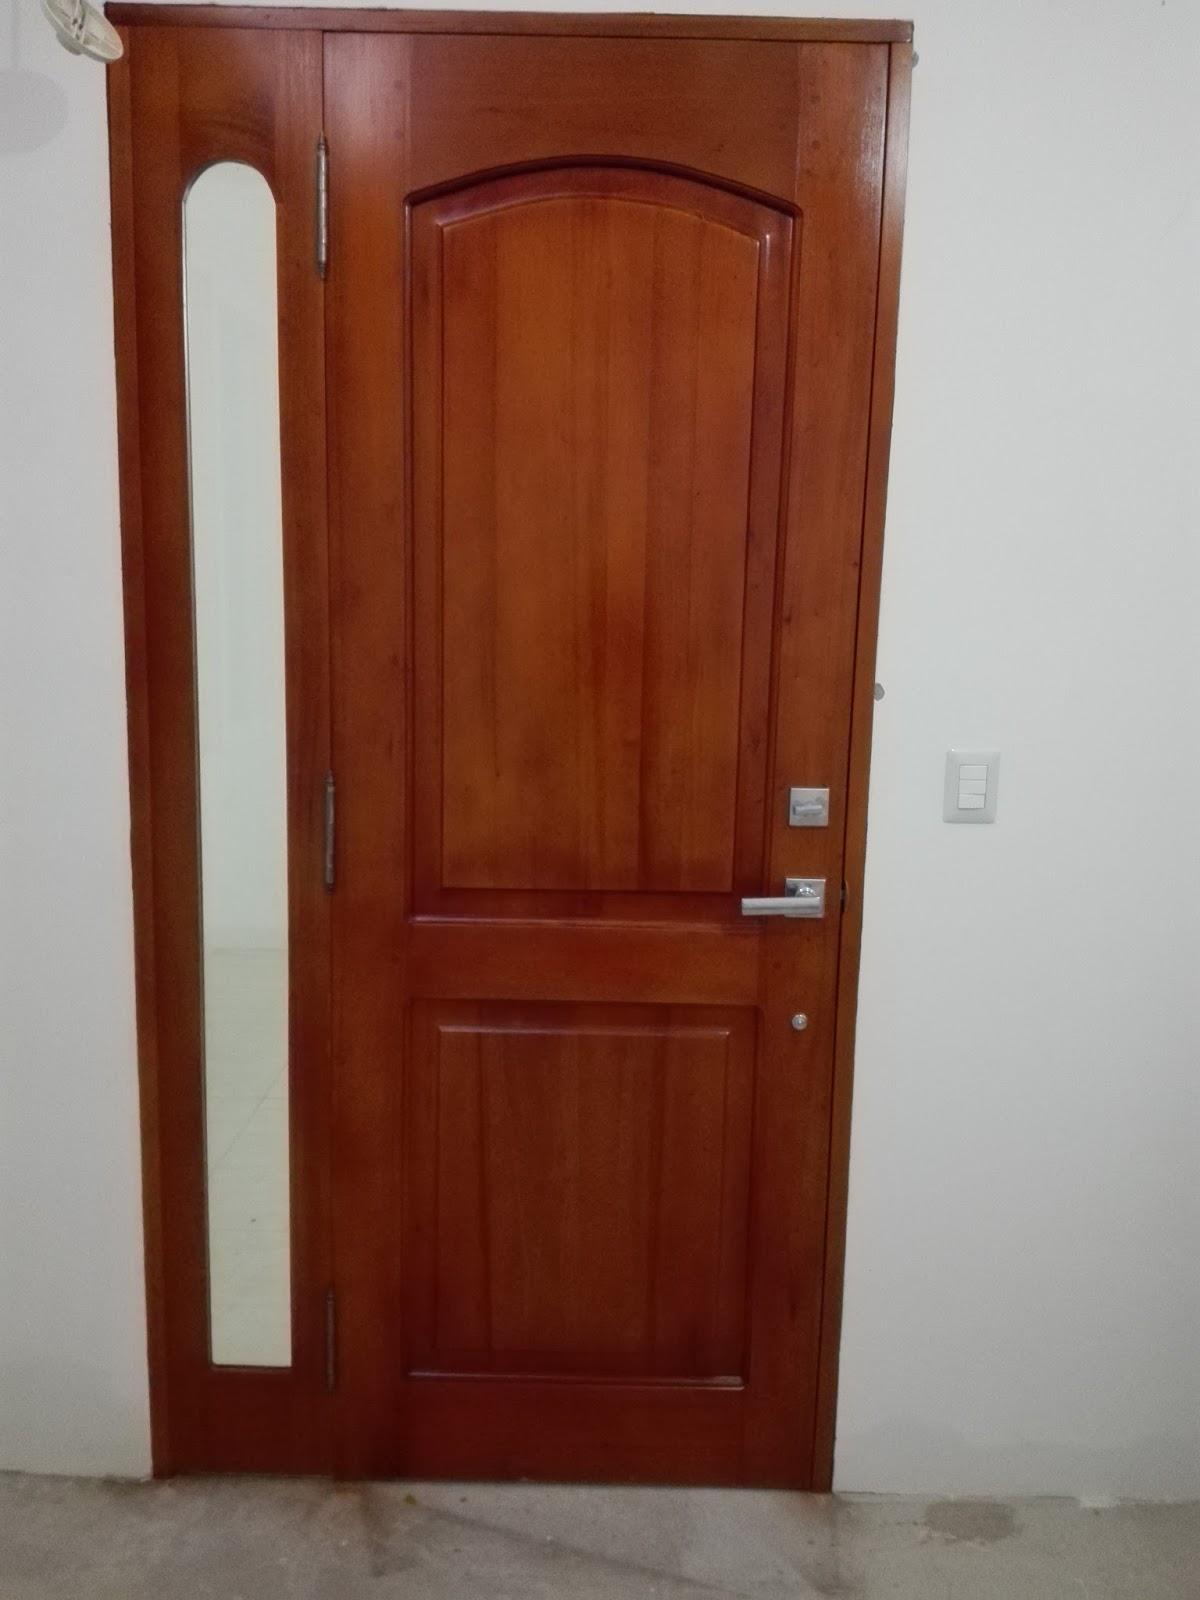 Puertas de madera s lida lolo morales furniture estilos for Estilos de puertas de madera